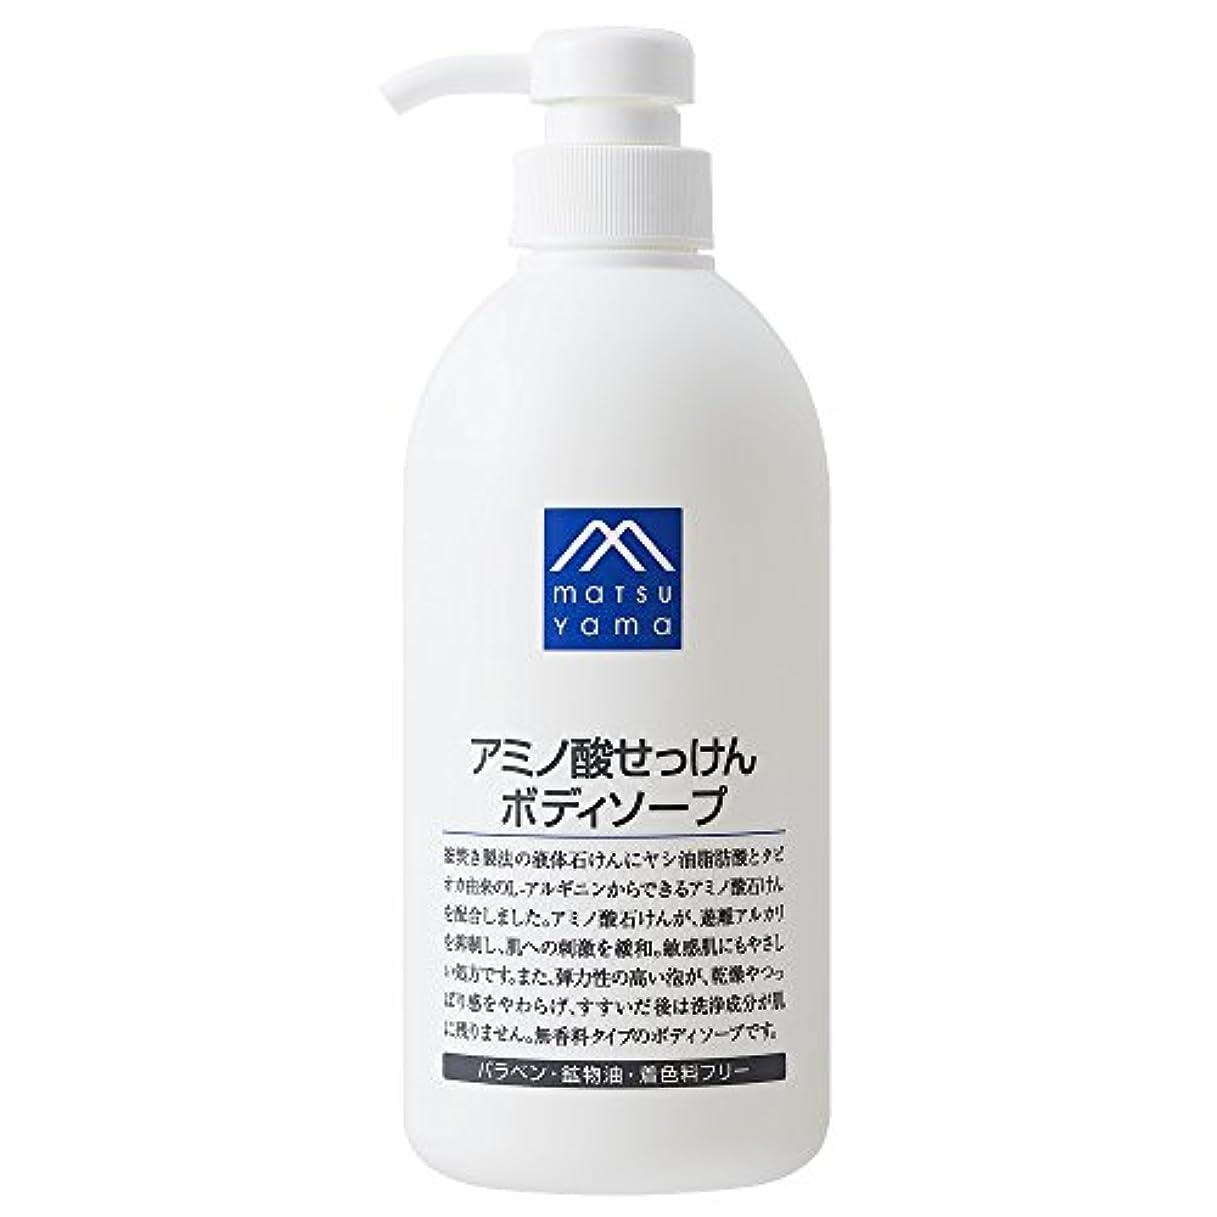 水分流ホステスM-mark アミノ酸せっけんボディソープ